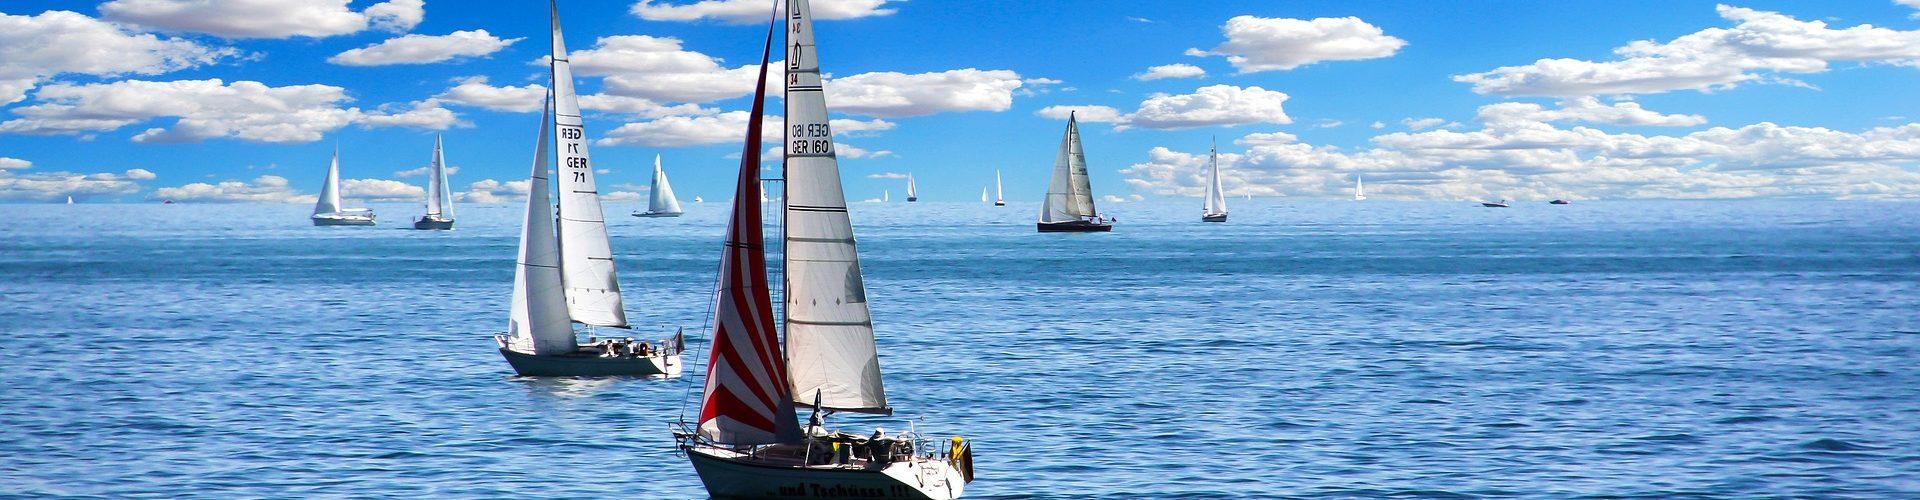 segeln lernen in Rosa segelschein machen in Rosa 1920x500 - Segeln lernen in Rosa